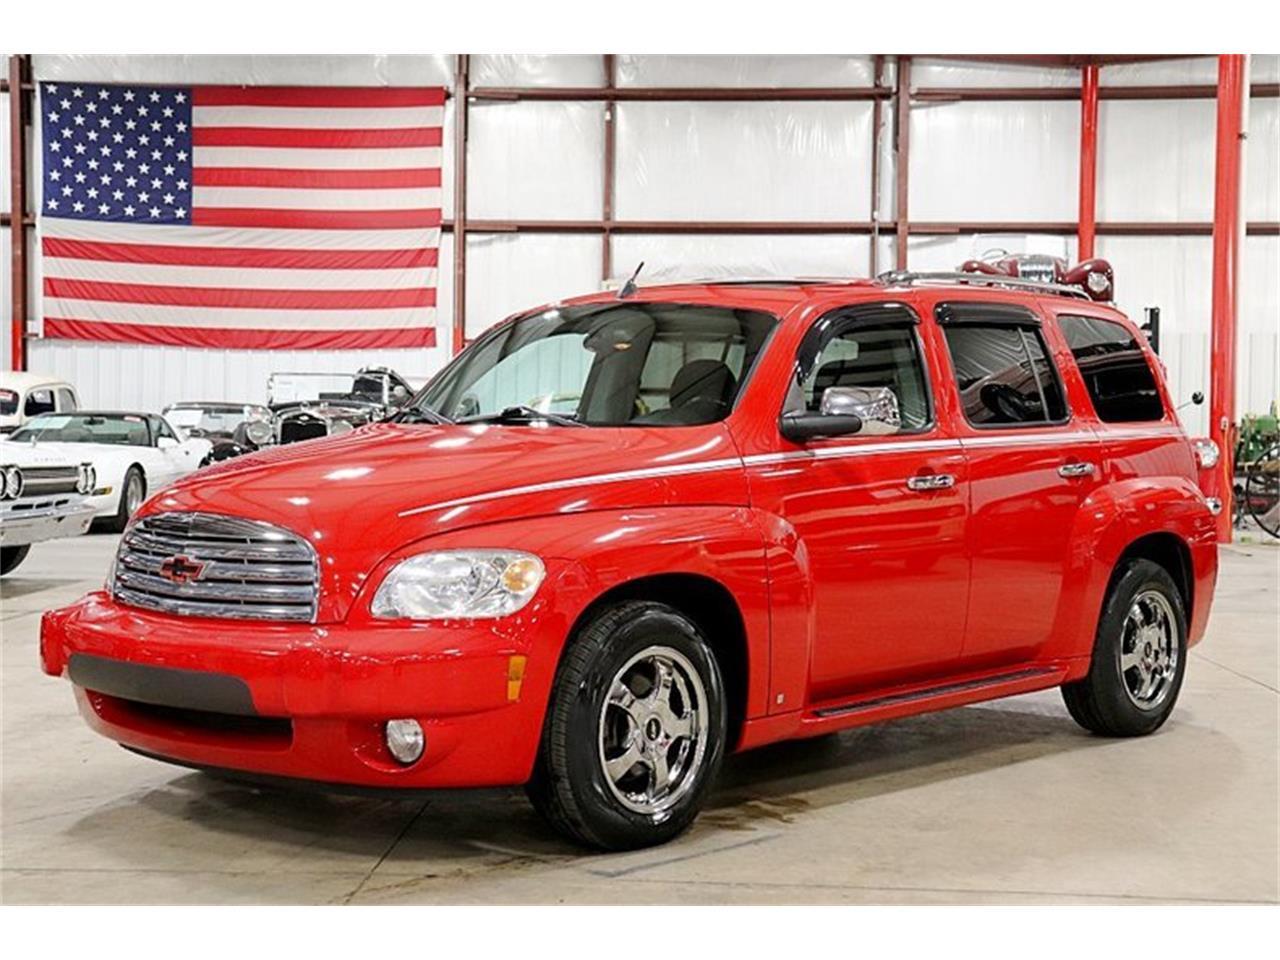 2006 Chevrolet Hhr For Sale Classiccars Com Cc 1215480